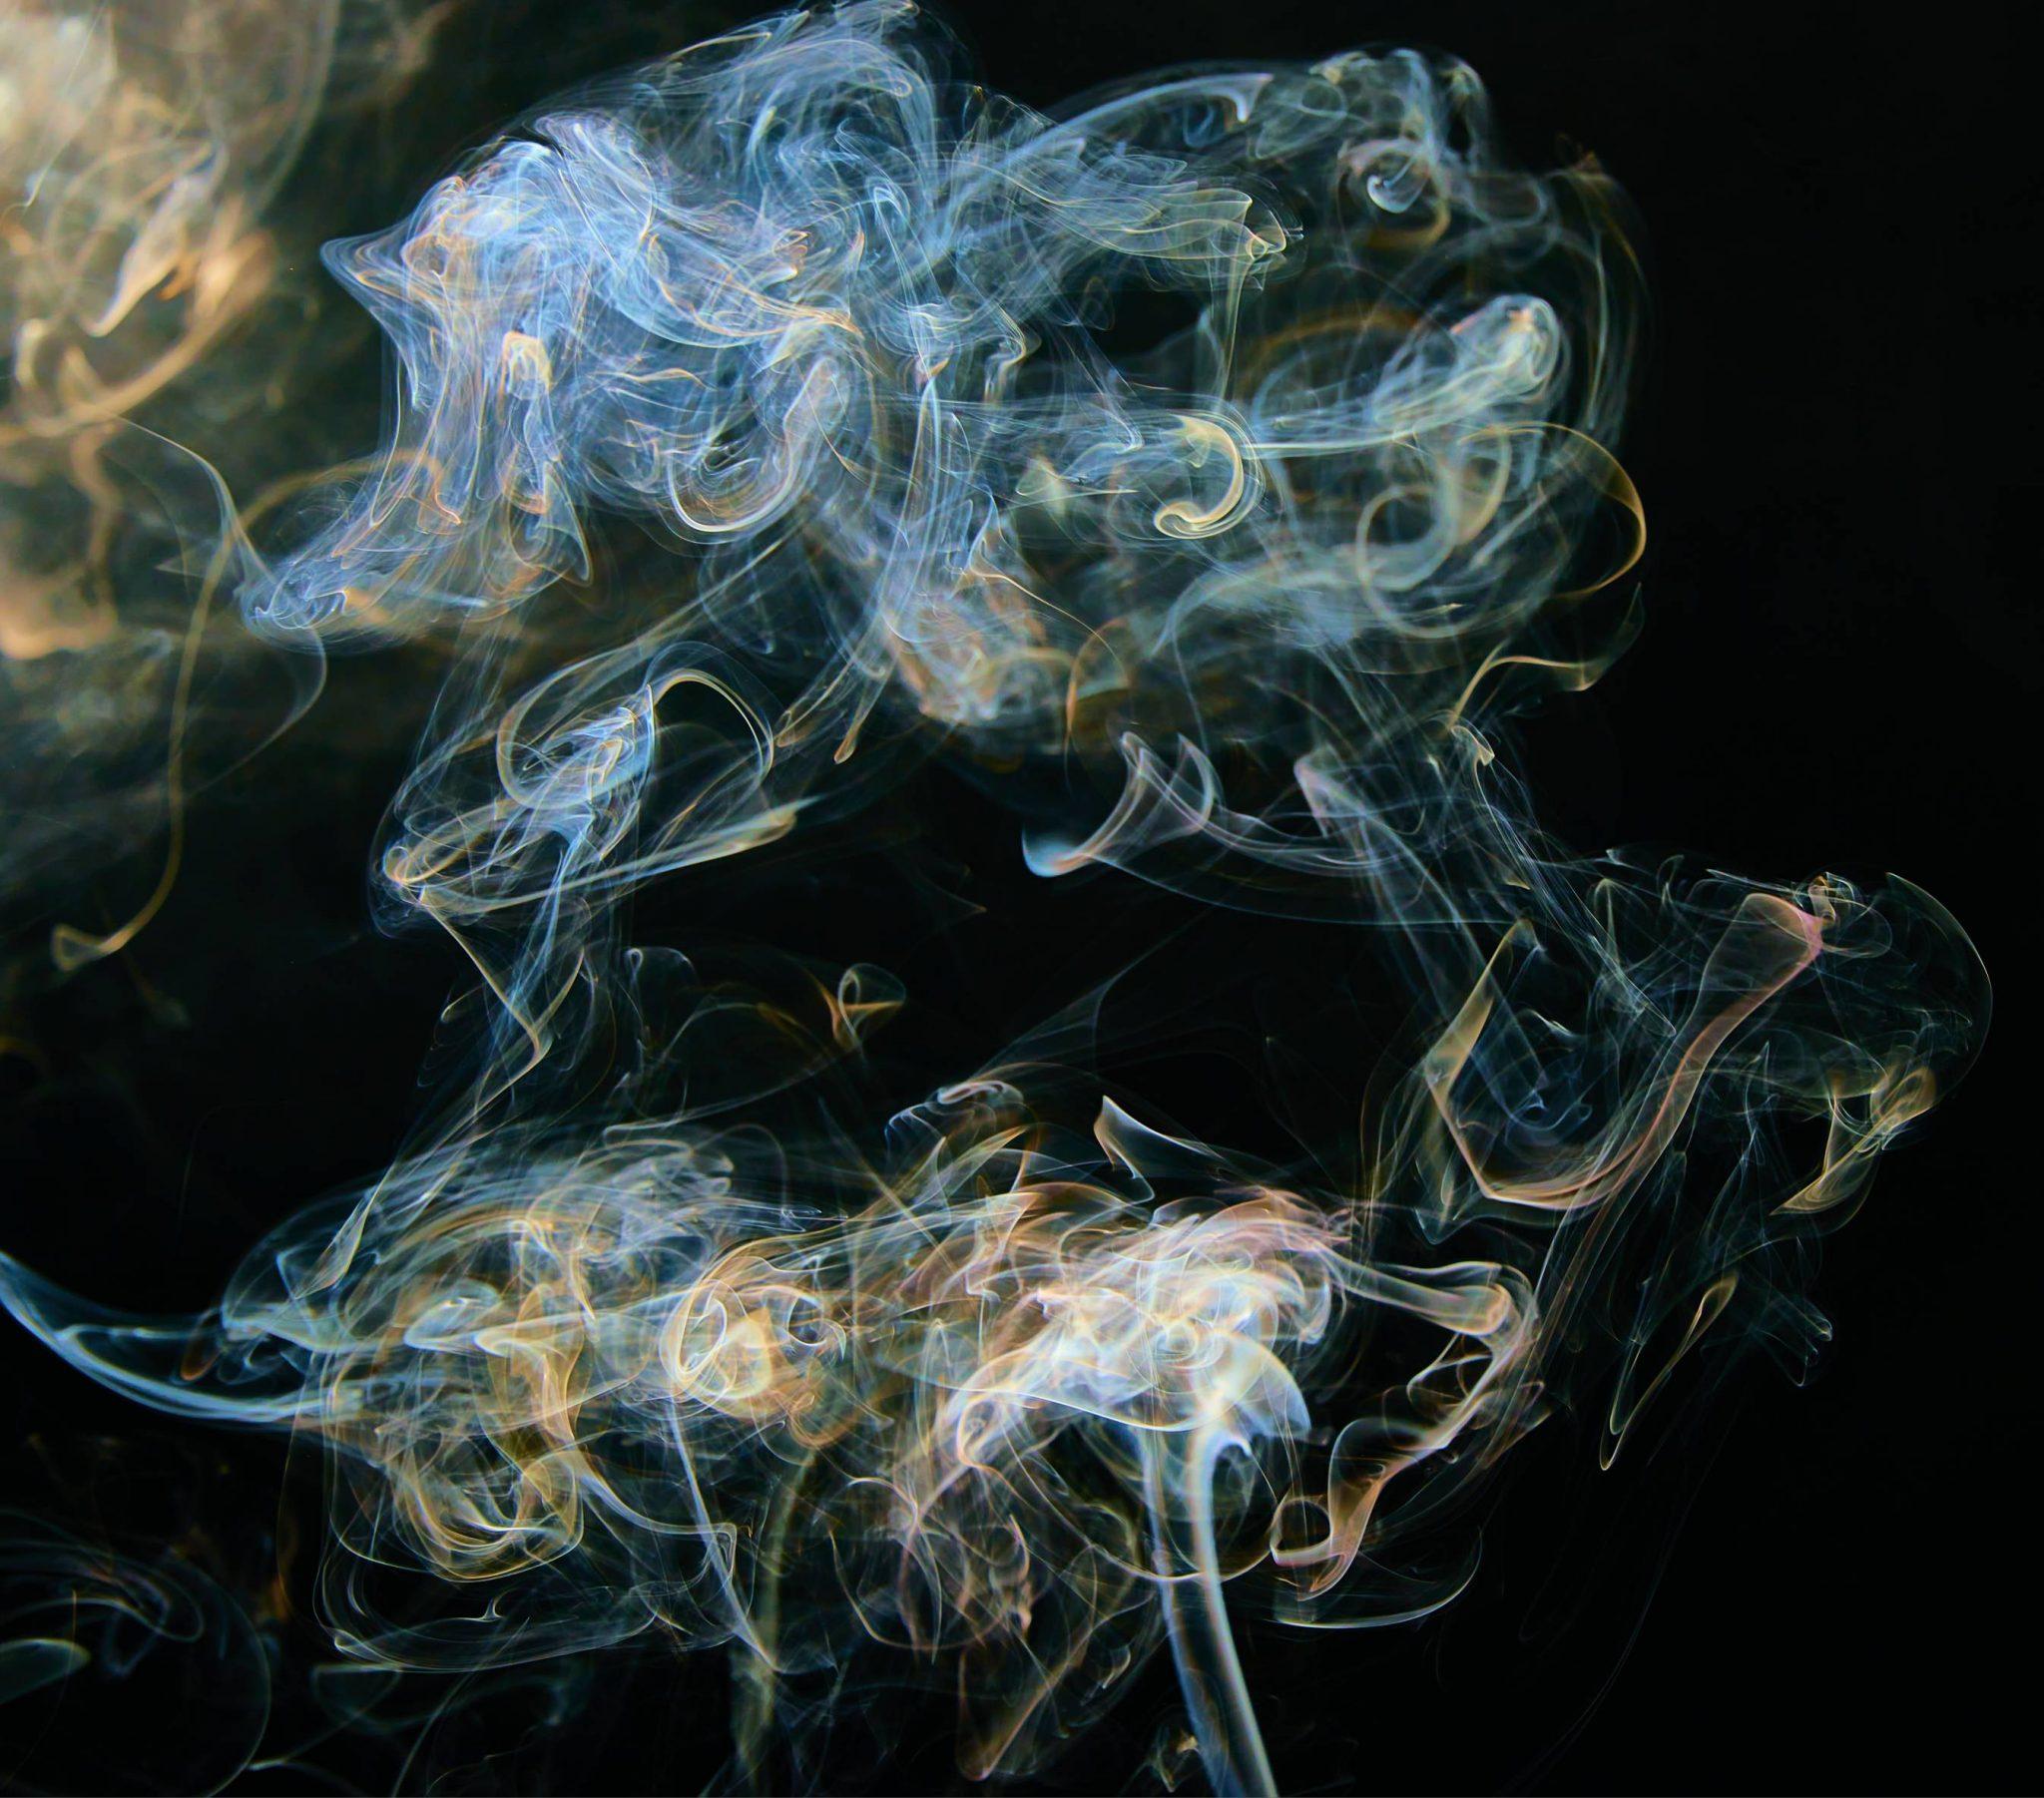 L'Art: Nouveau travail du photographe Hendrik Jan Jager : fumée colorée @Gallery CommunicationinArt